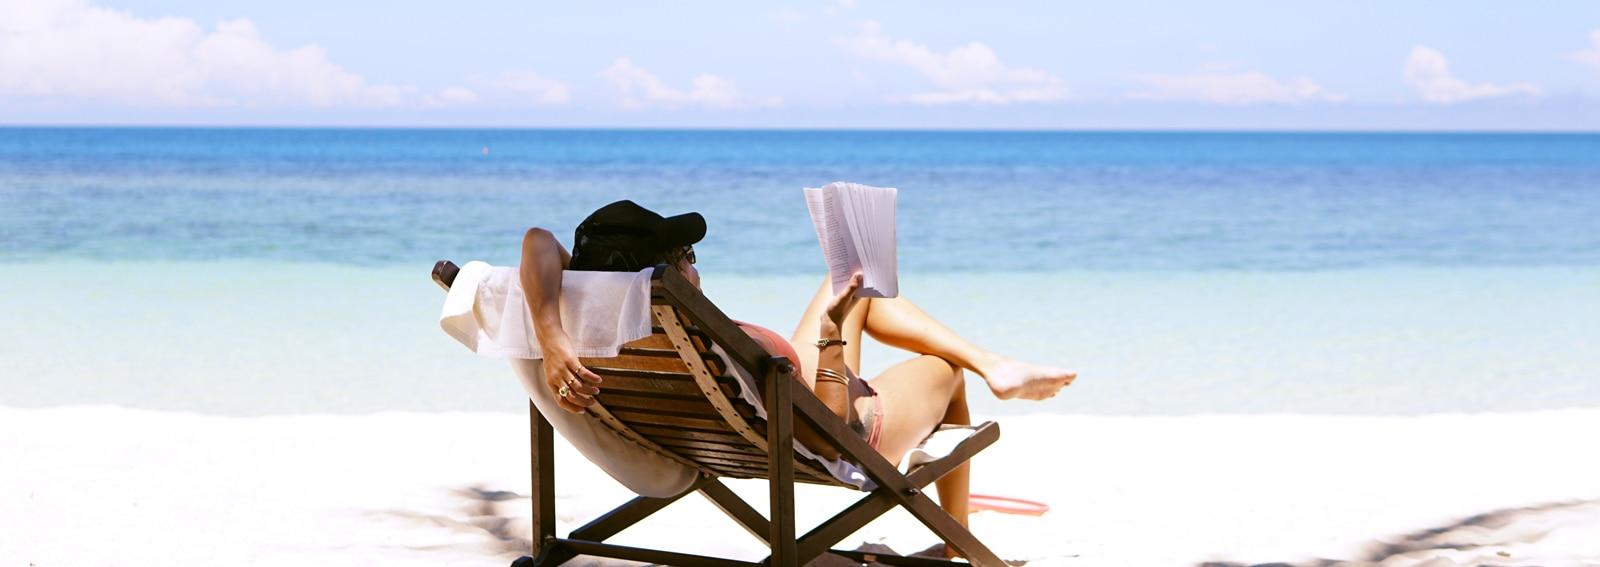 visore-libri-estateDESK